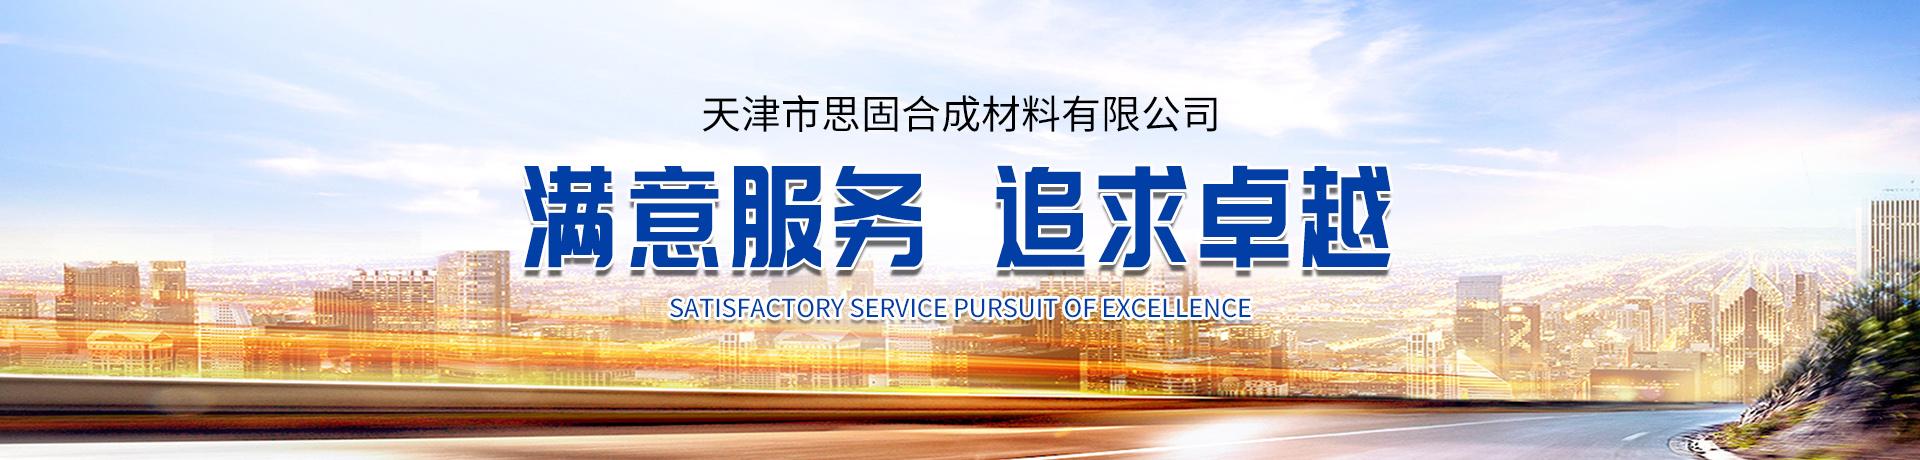 天津市思固合成材料有限公司